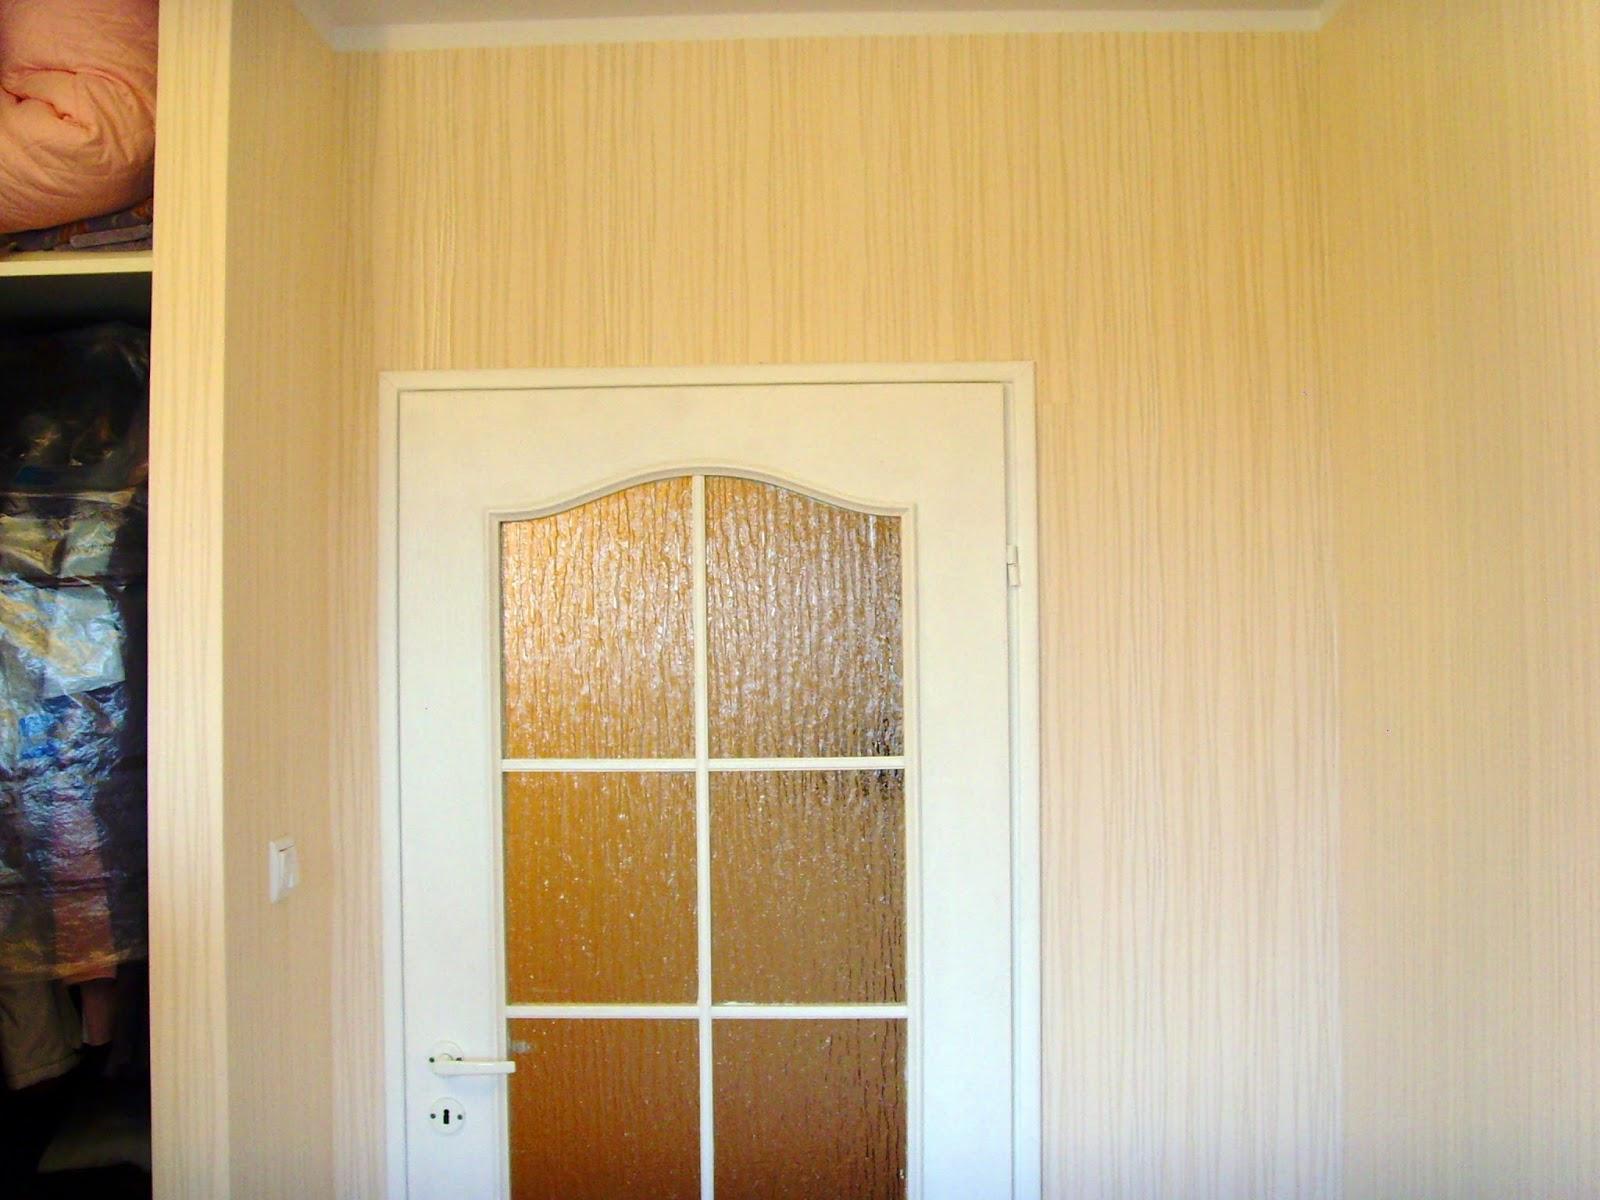 tapeta na flizelinie położona w szafie